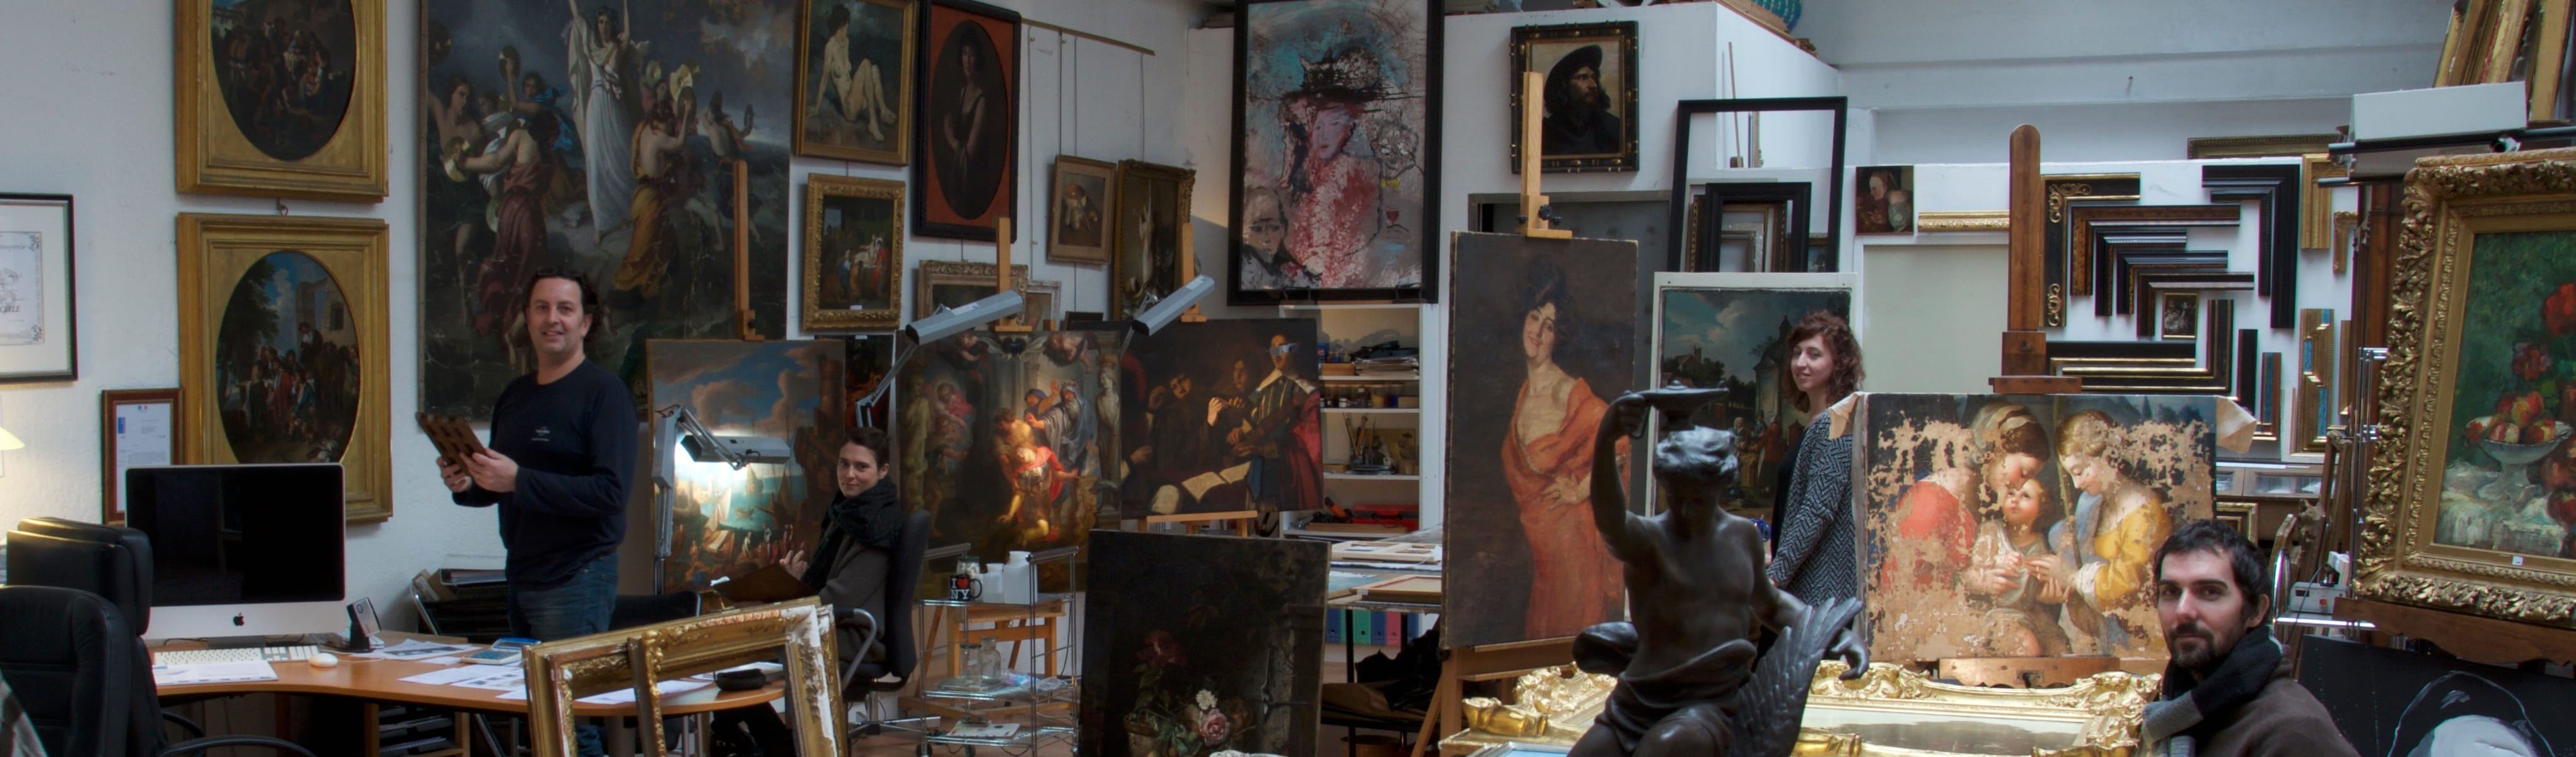 Atelier Aldo Peaucelle— Art & Patrimoine Conseil